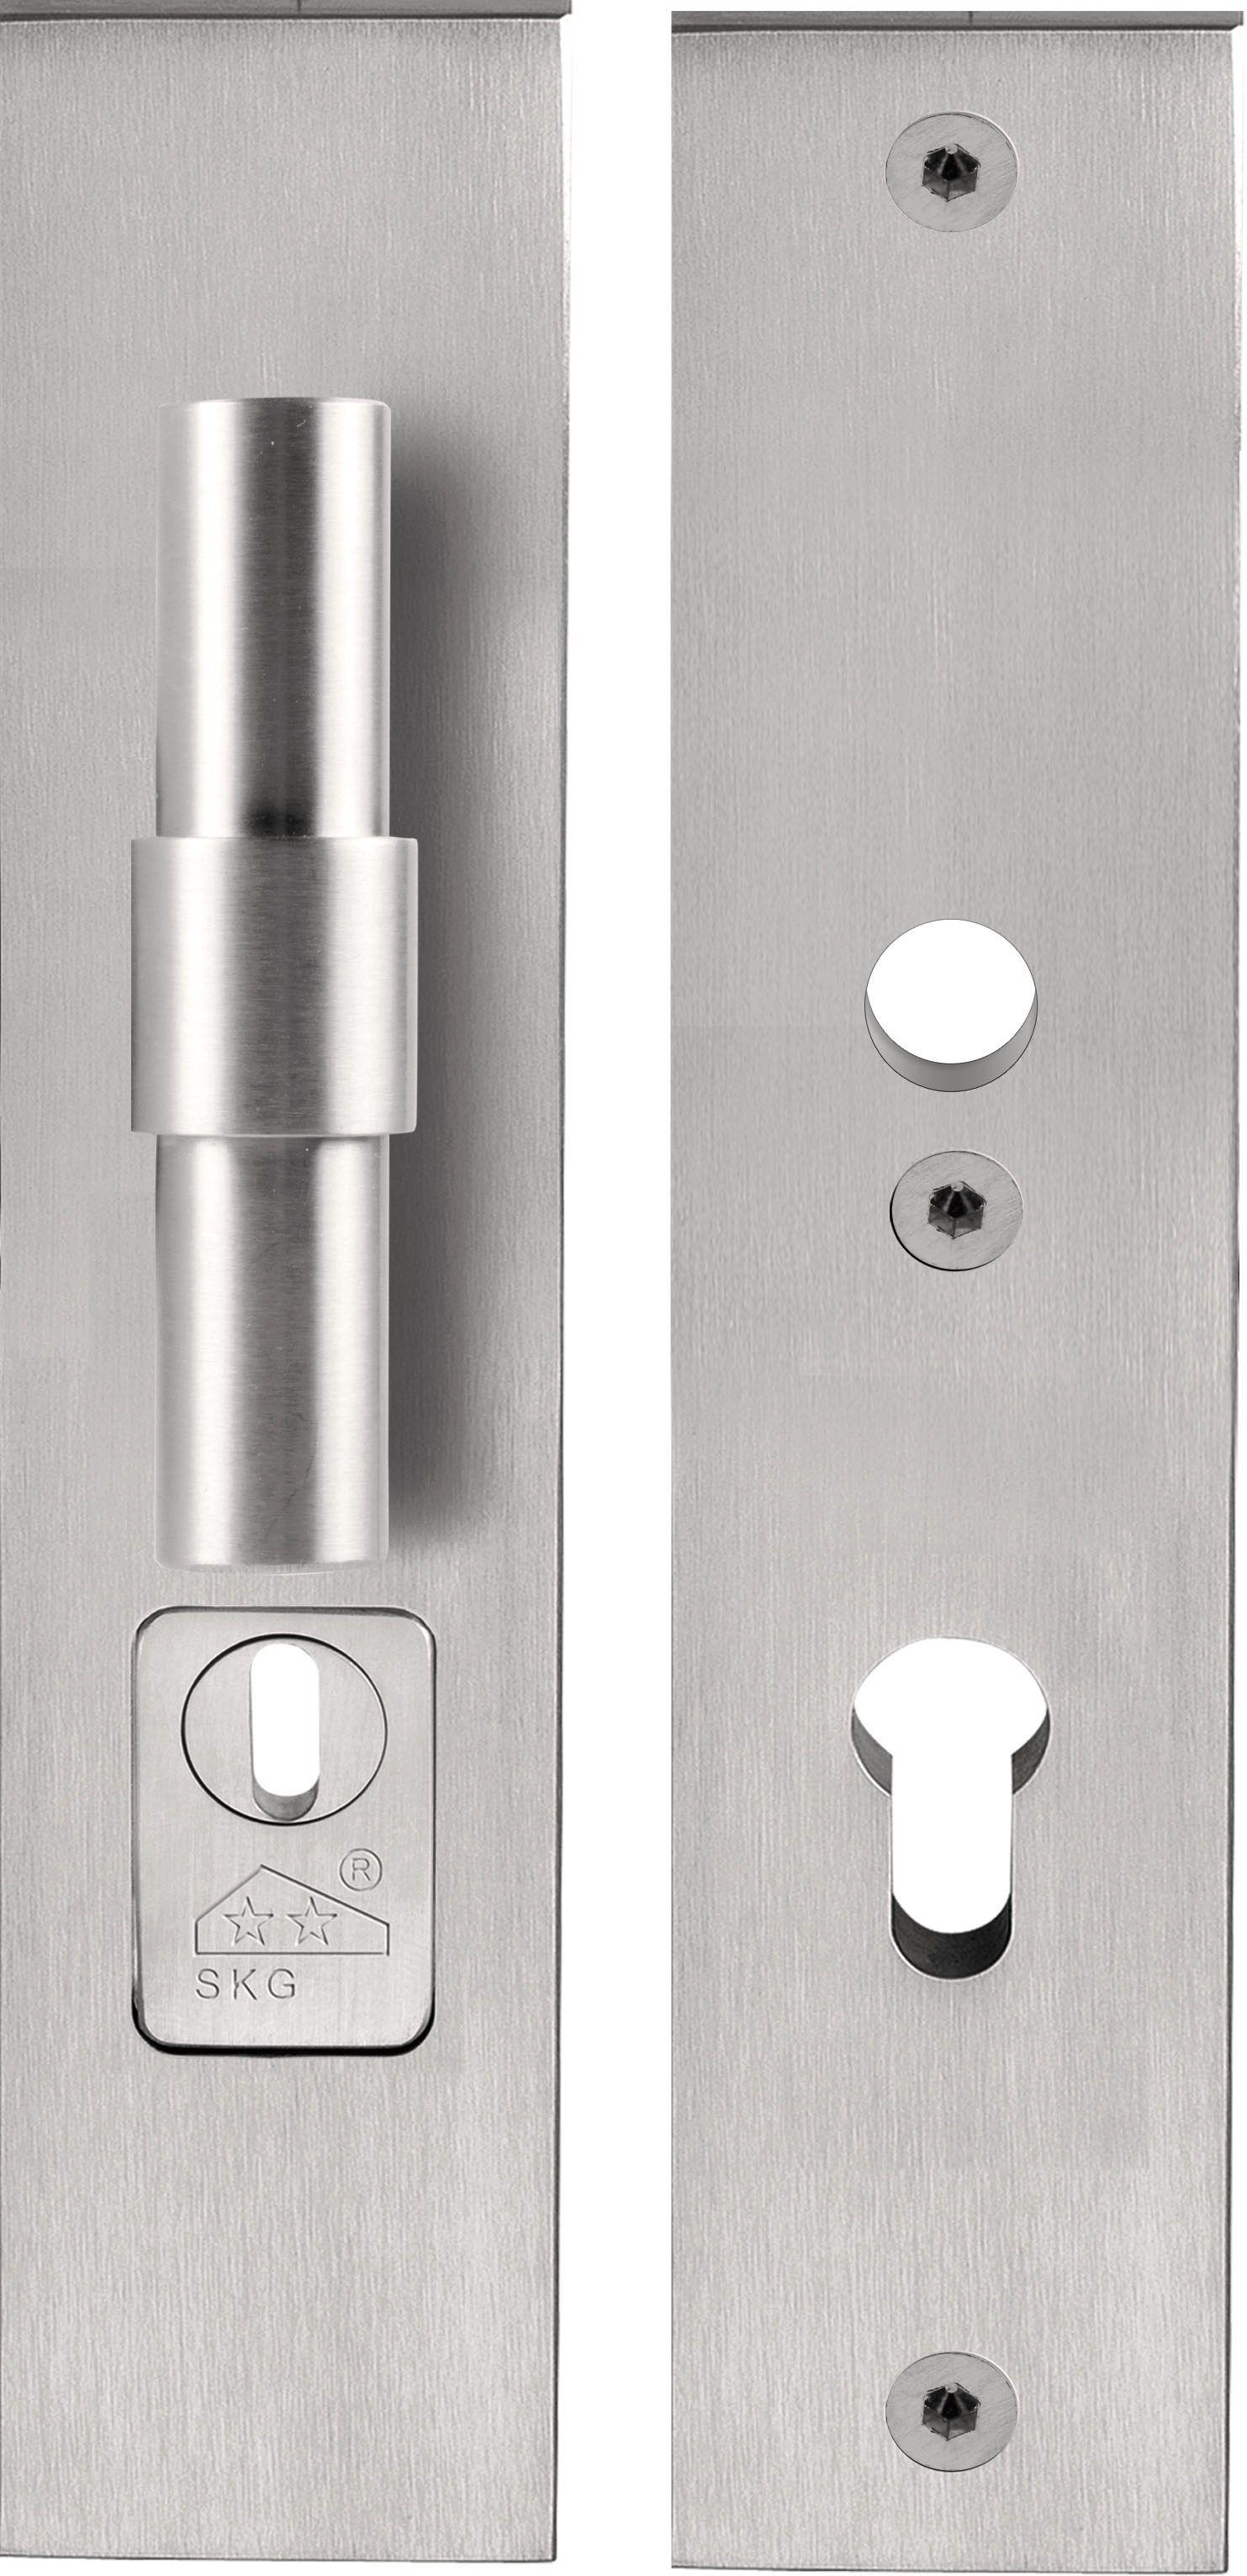 Maniglia per porte d 39 ingresso su piastra in acciaio inox - Maniglia porta ingresso ...